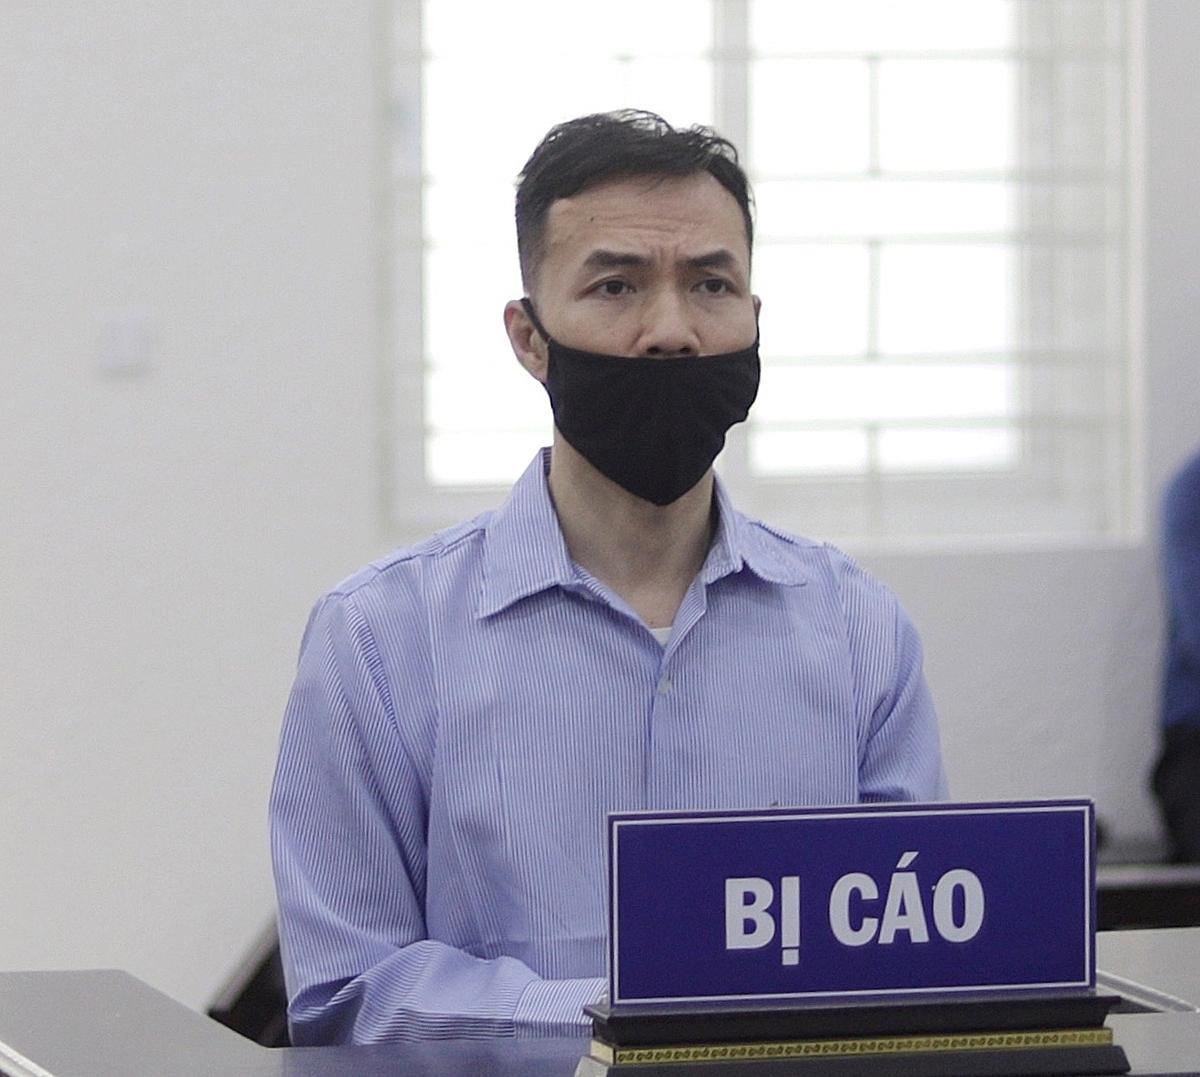 Bị cáo Lê Tuấn tại phiên toà sáng 14/6. Ảnh: Danh Lam